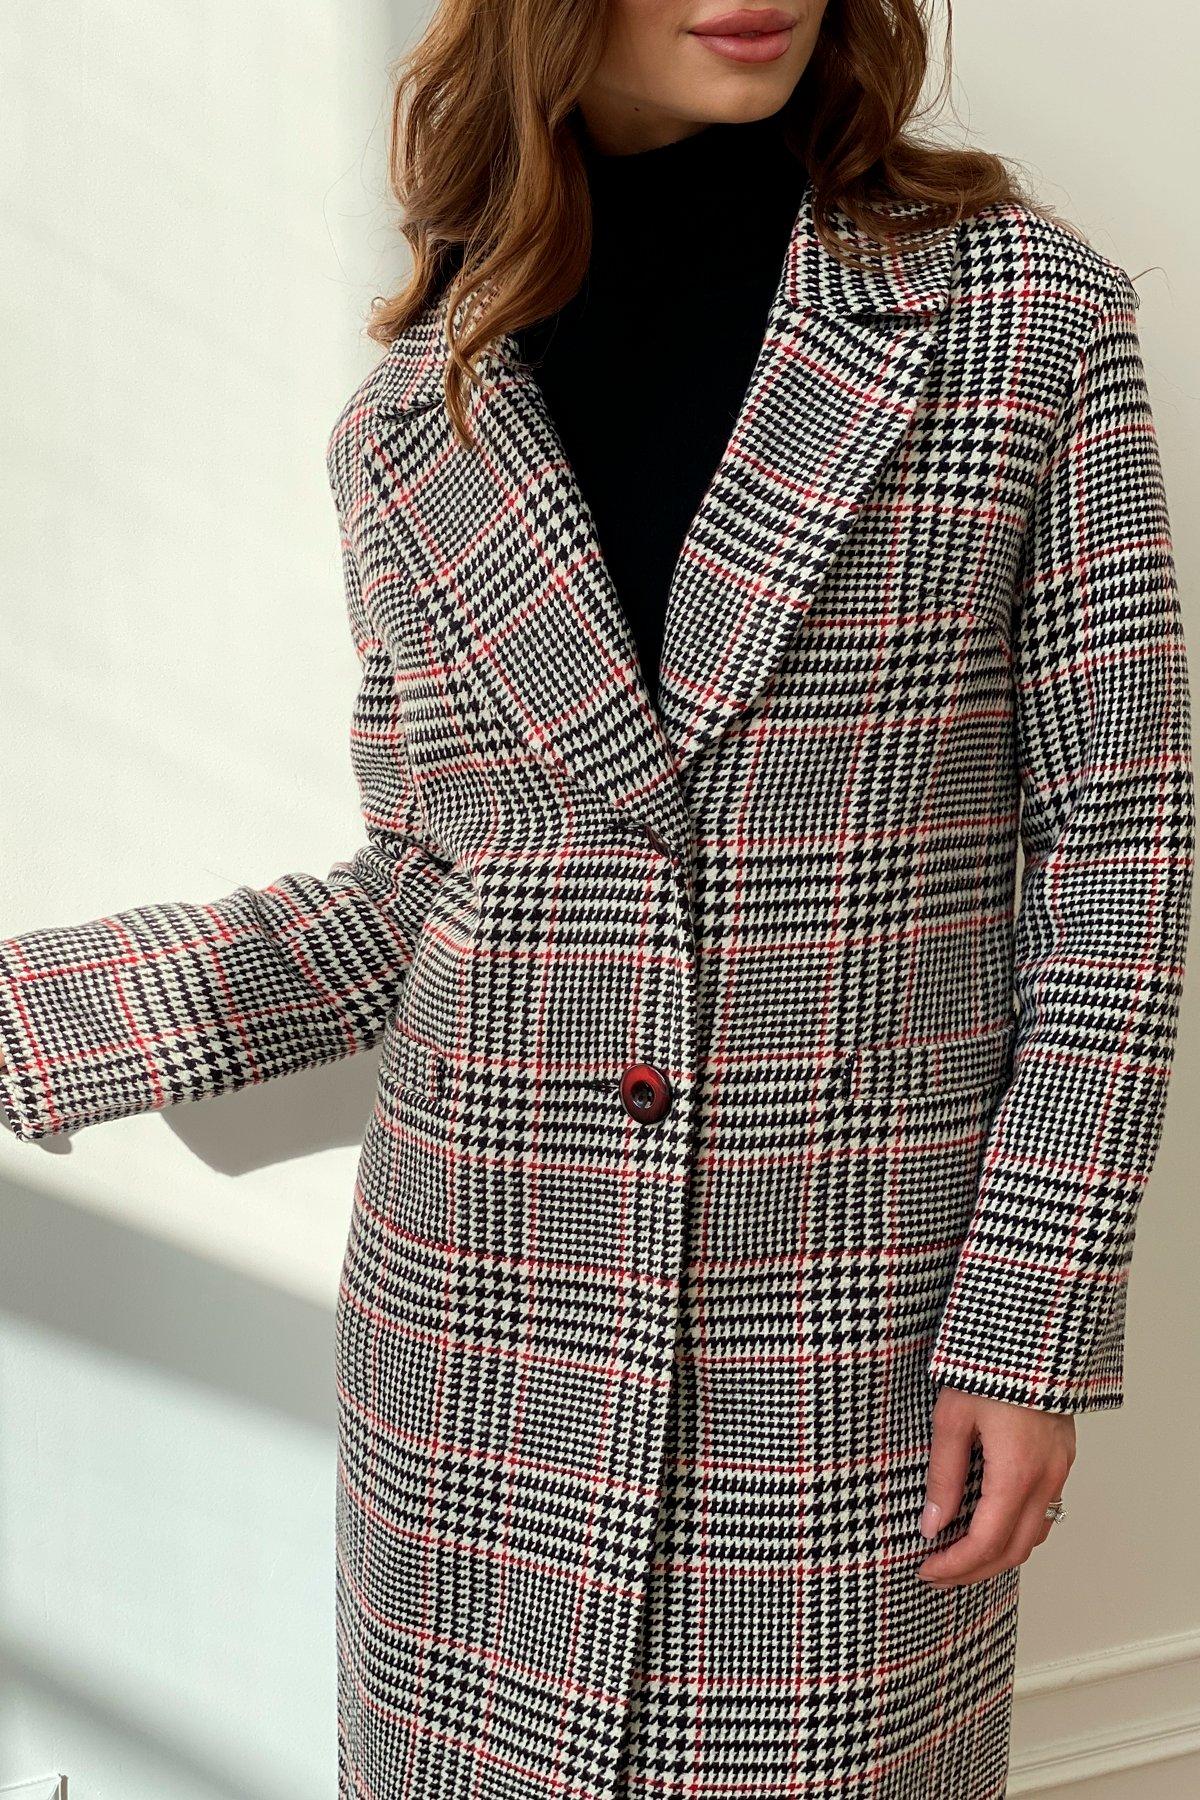 Зимнее пальто в клетку с мехом Вива 8315 АРТ. 44454 Цвет: Клетка кр черн/бел/кр - фото 2, интернет магазин tm-modus.ru